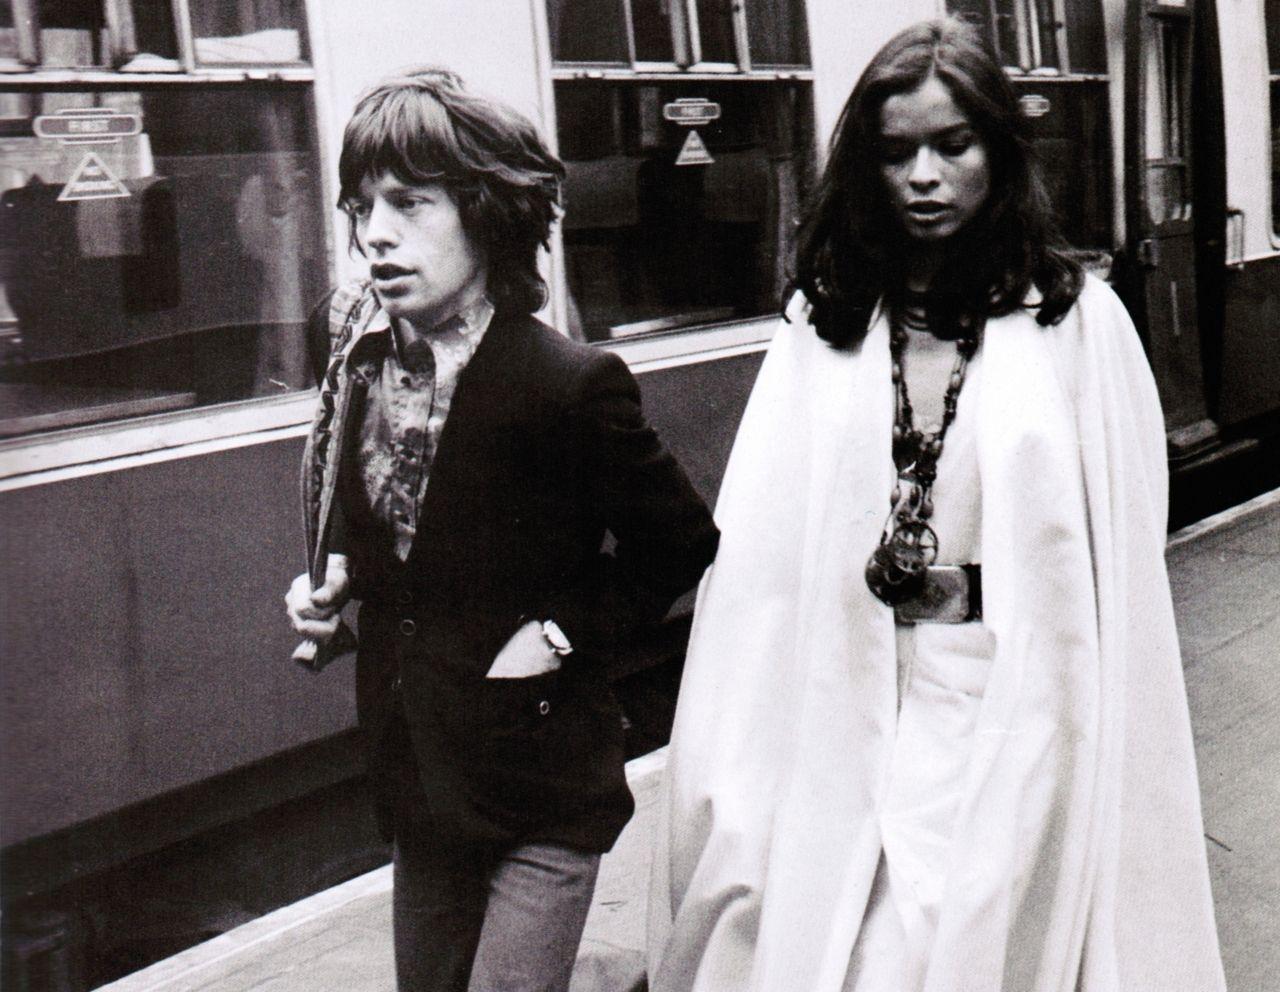 происшествии пульт мик джаггер фото его с женой этаж